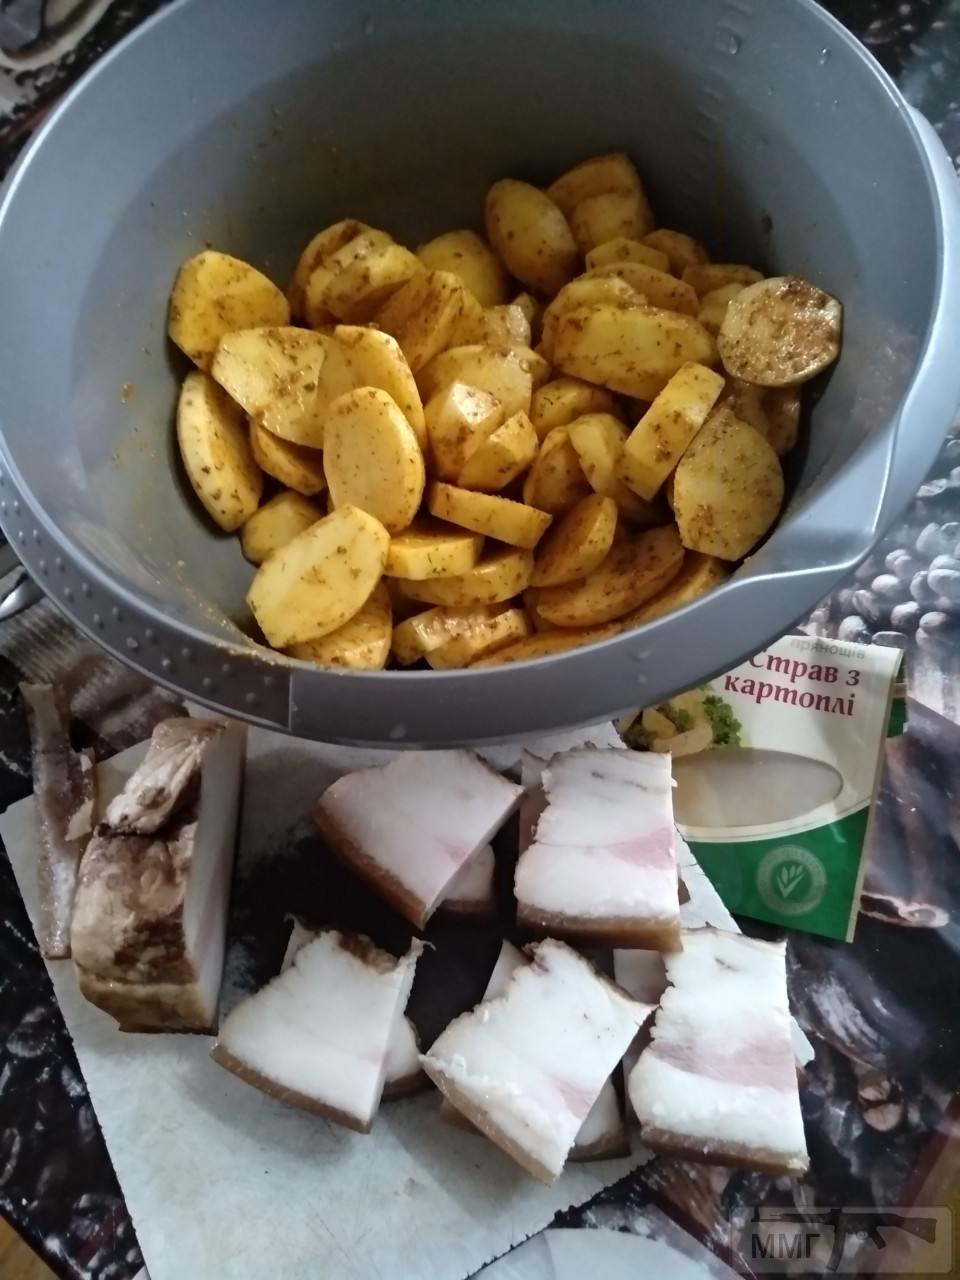 87117 - Закуски на огне (мангал, барбекю и т.д.) и кулинария вообще. Советы и рецепты.